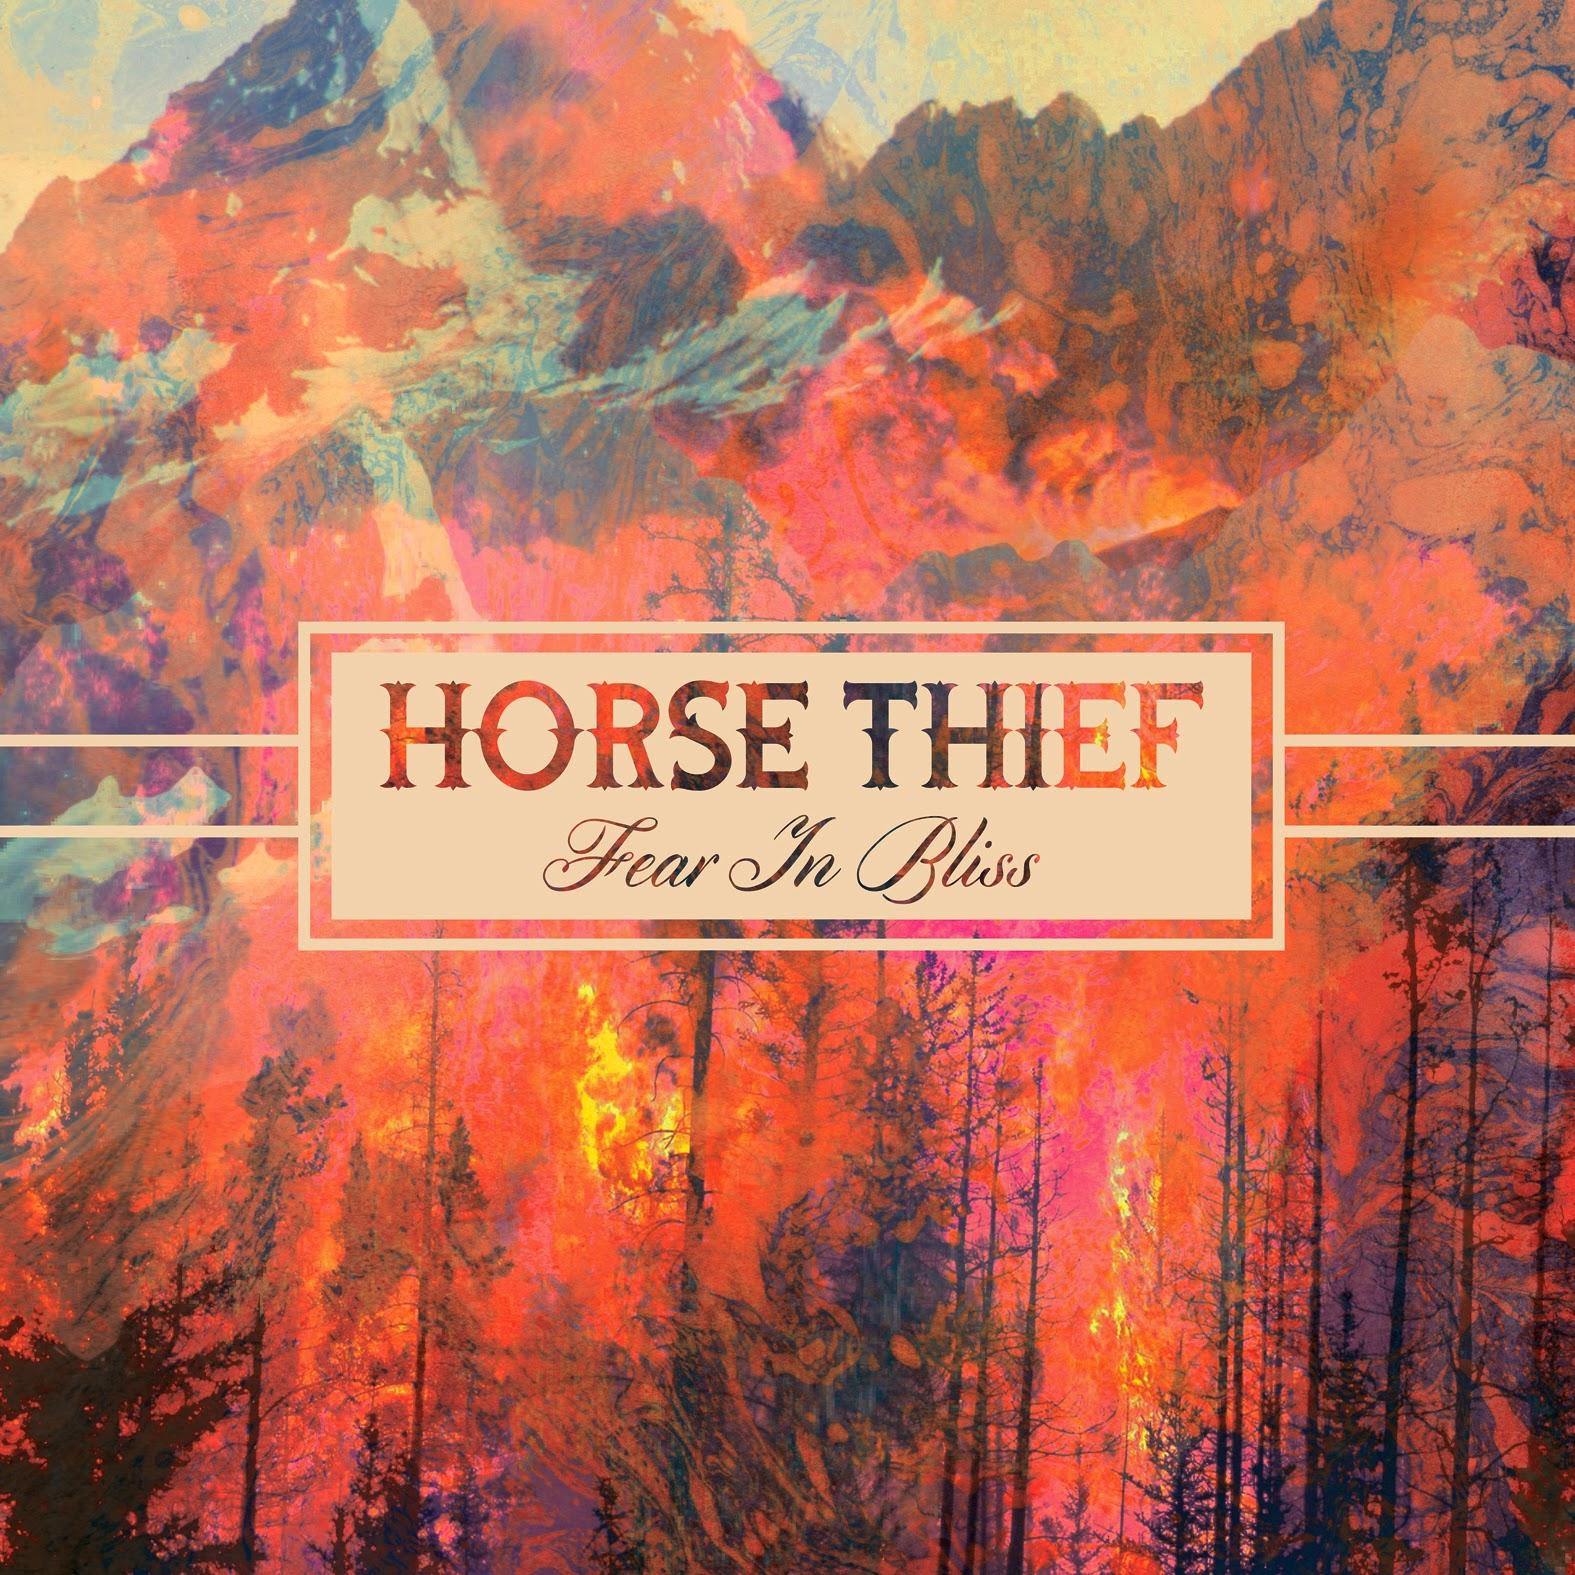 Horse_Thief_Fear_in_Bliss.jpg